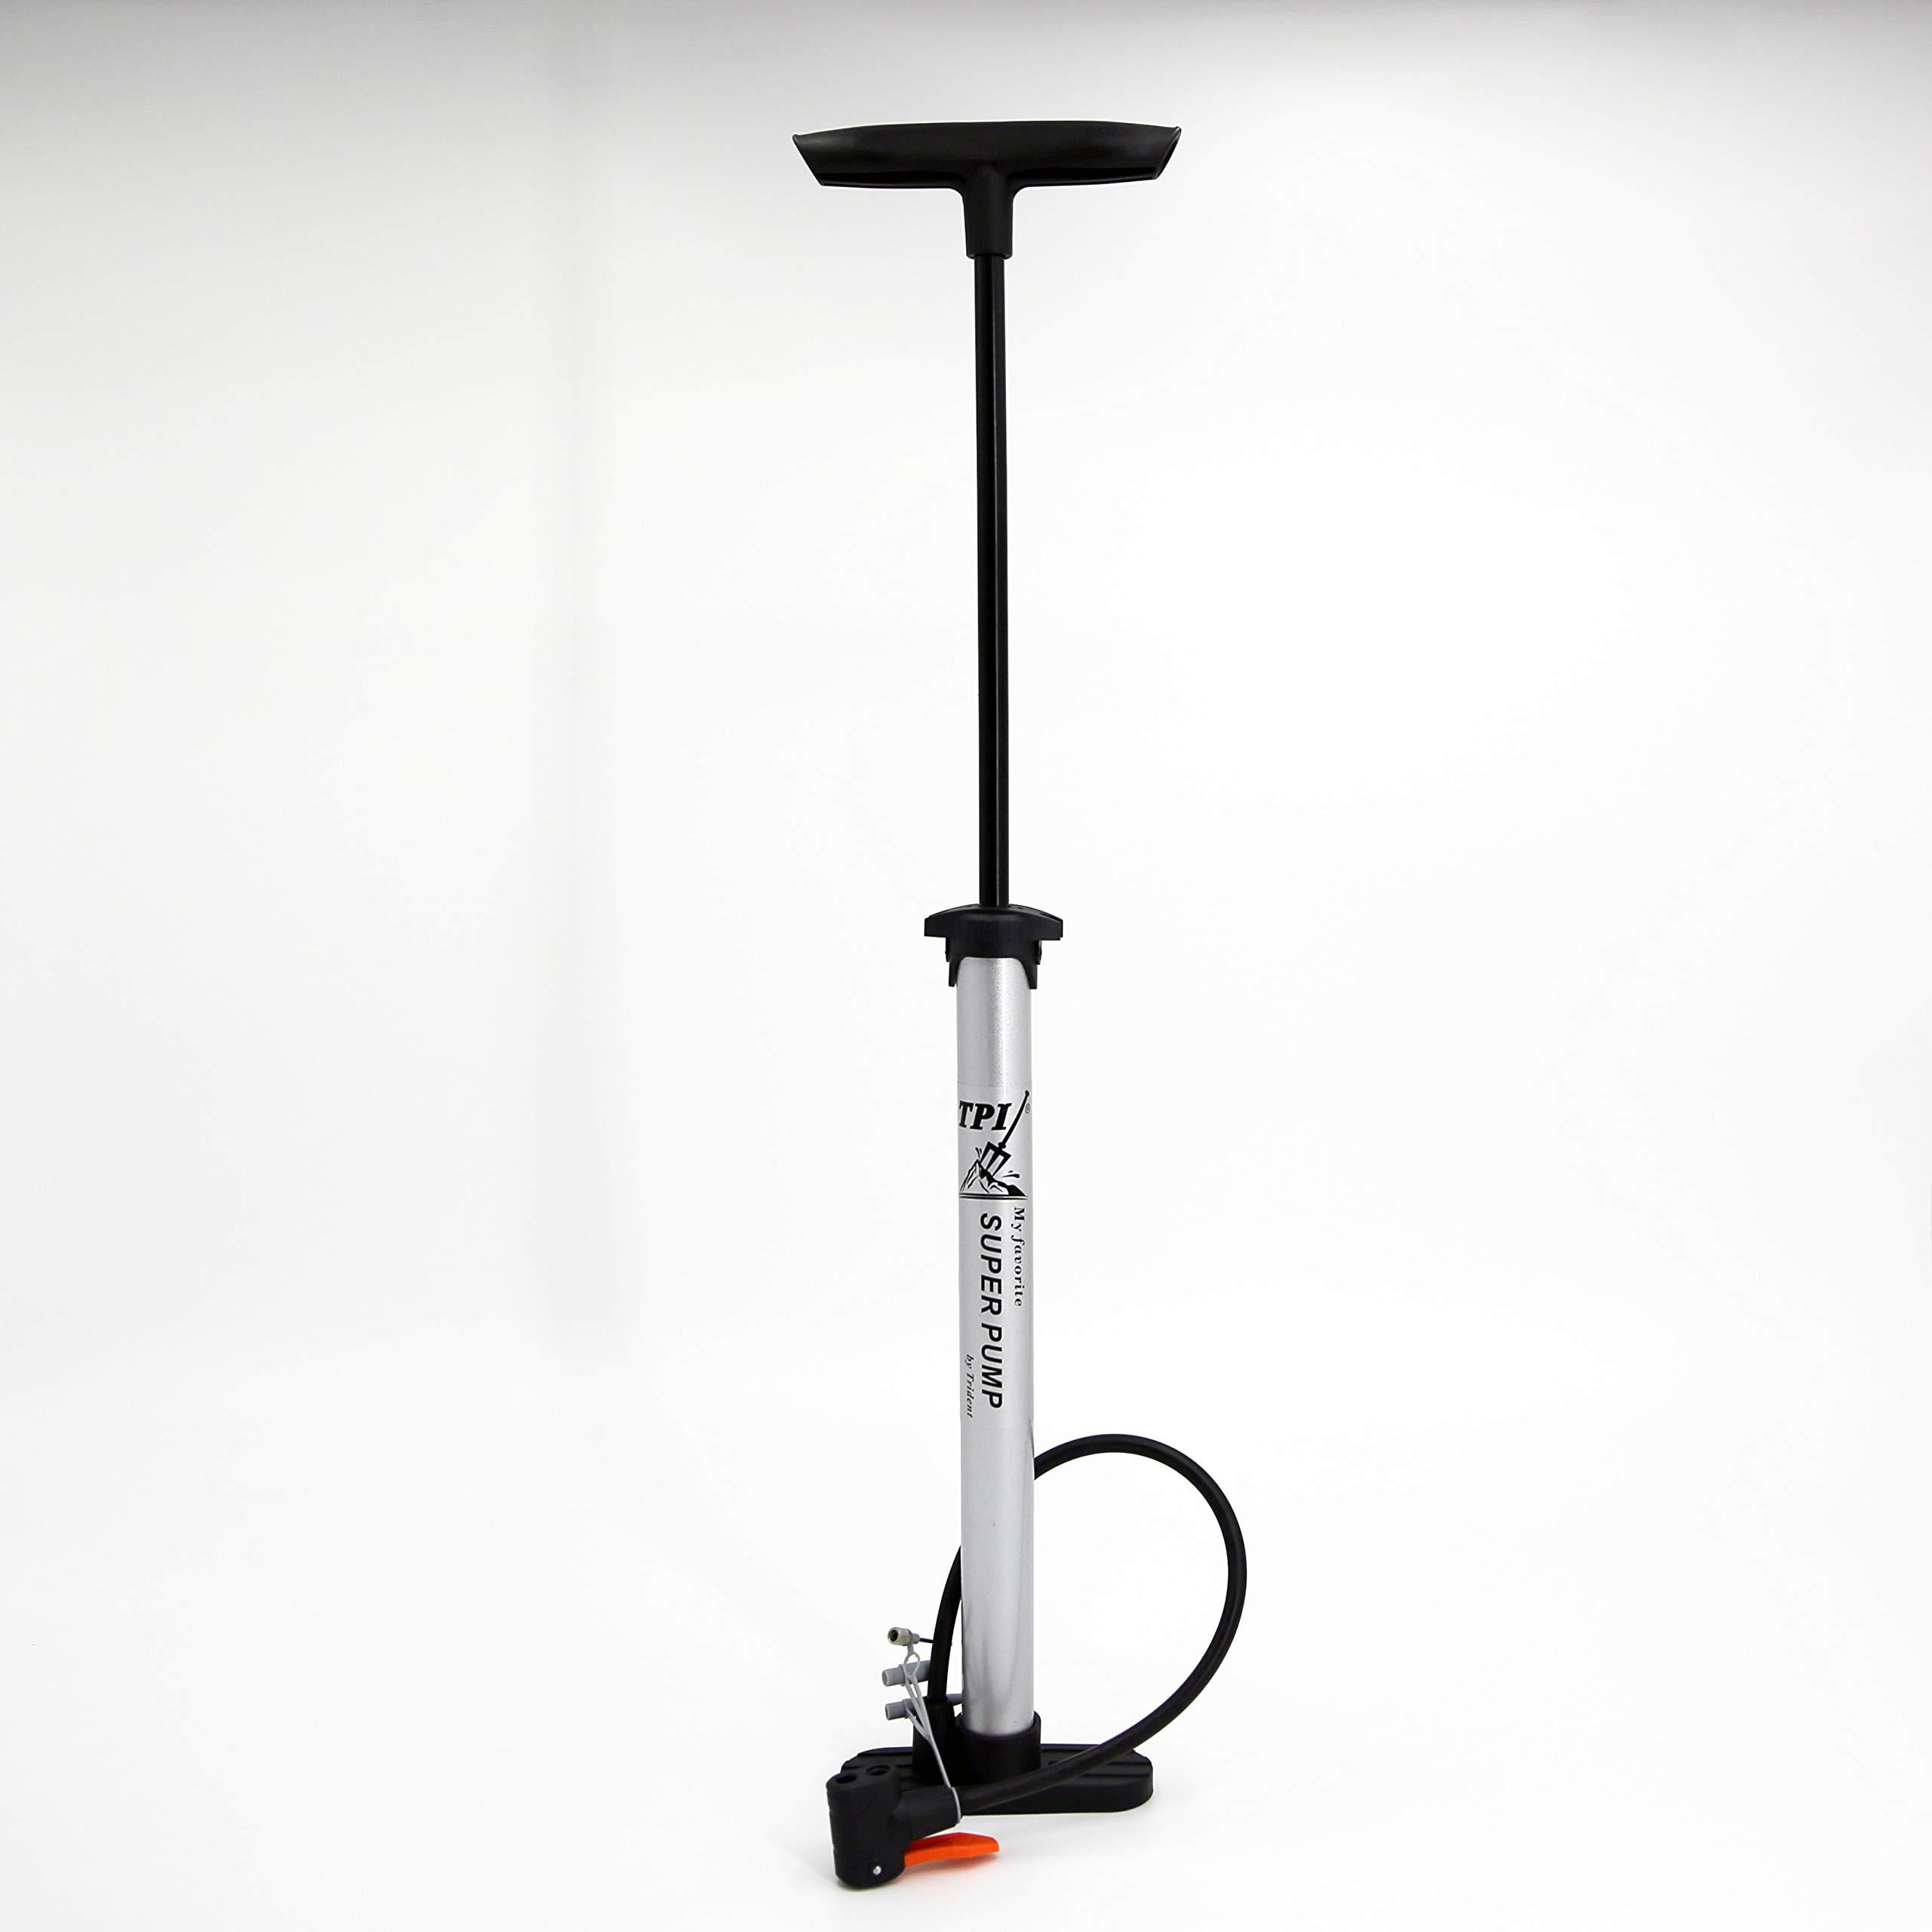 120PSI Bicycle Air Pump Portable Bike Floor Pump Presta /& Schrader Valves